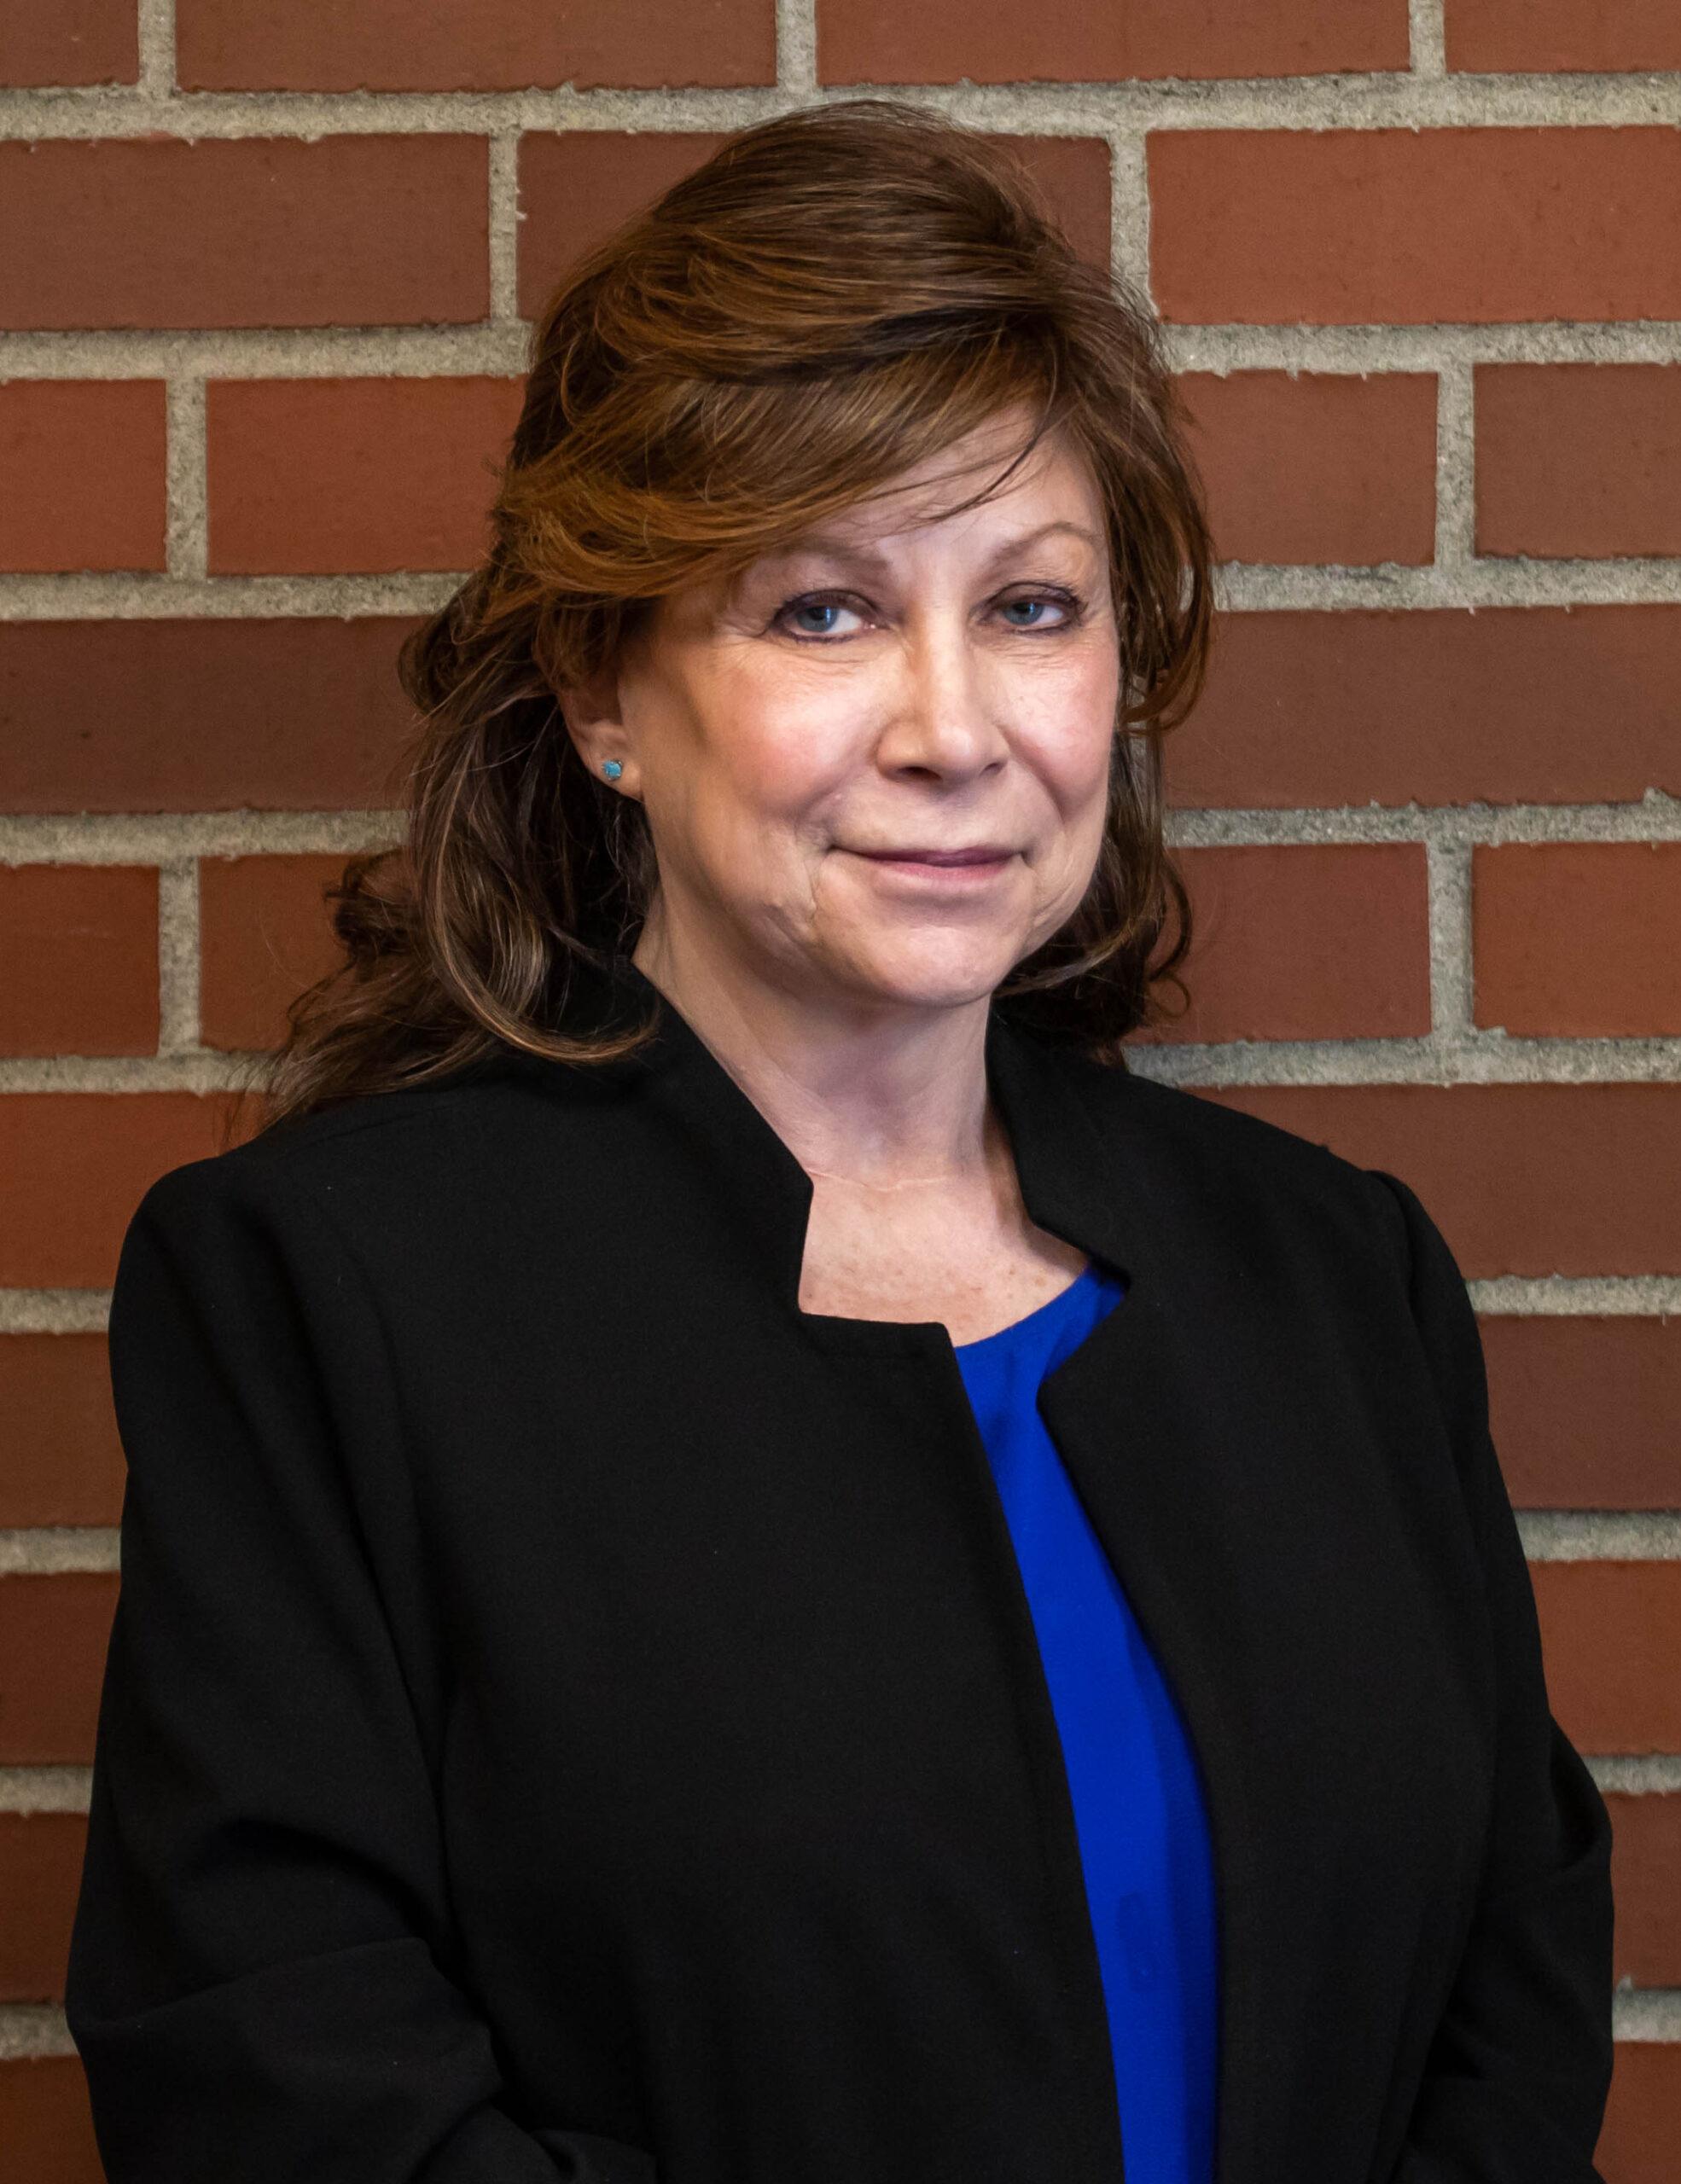 Image of Wendy Marsh